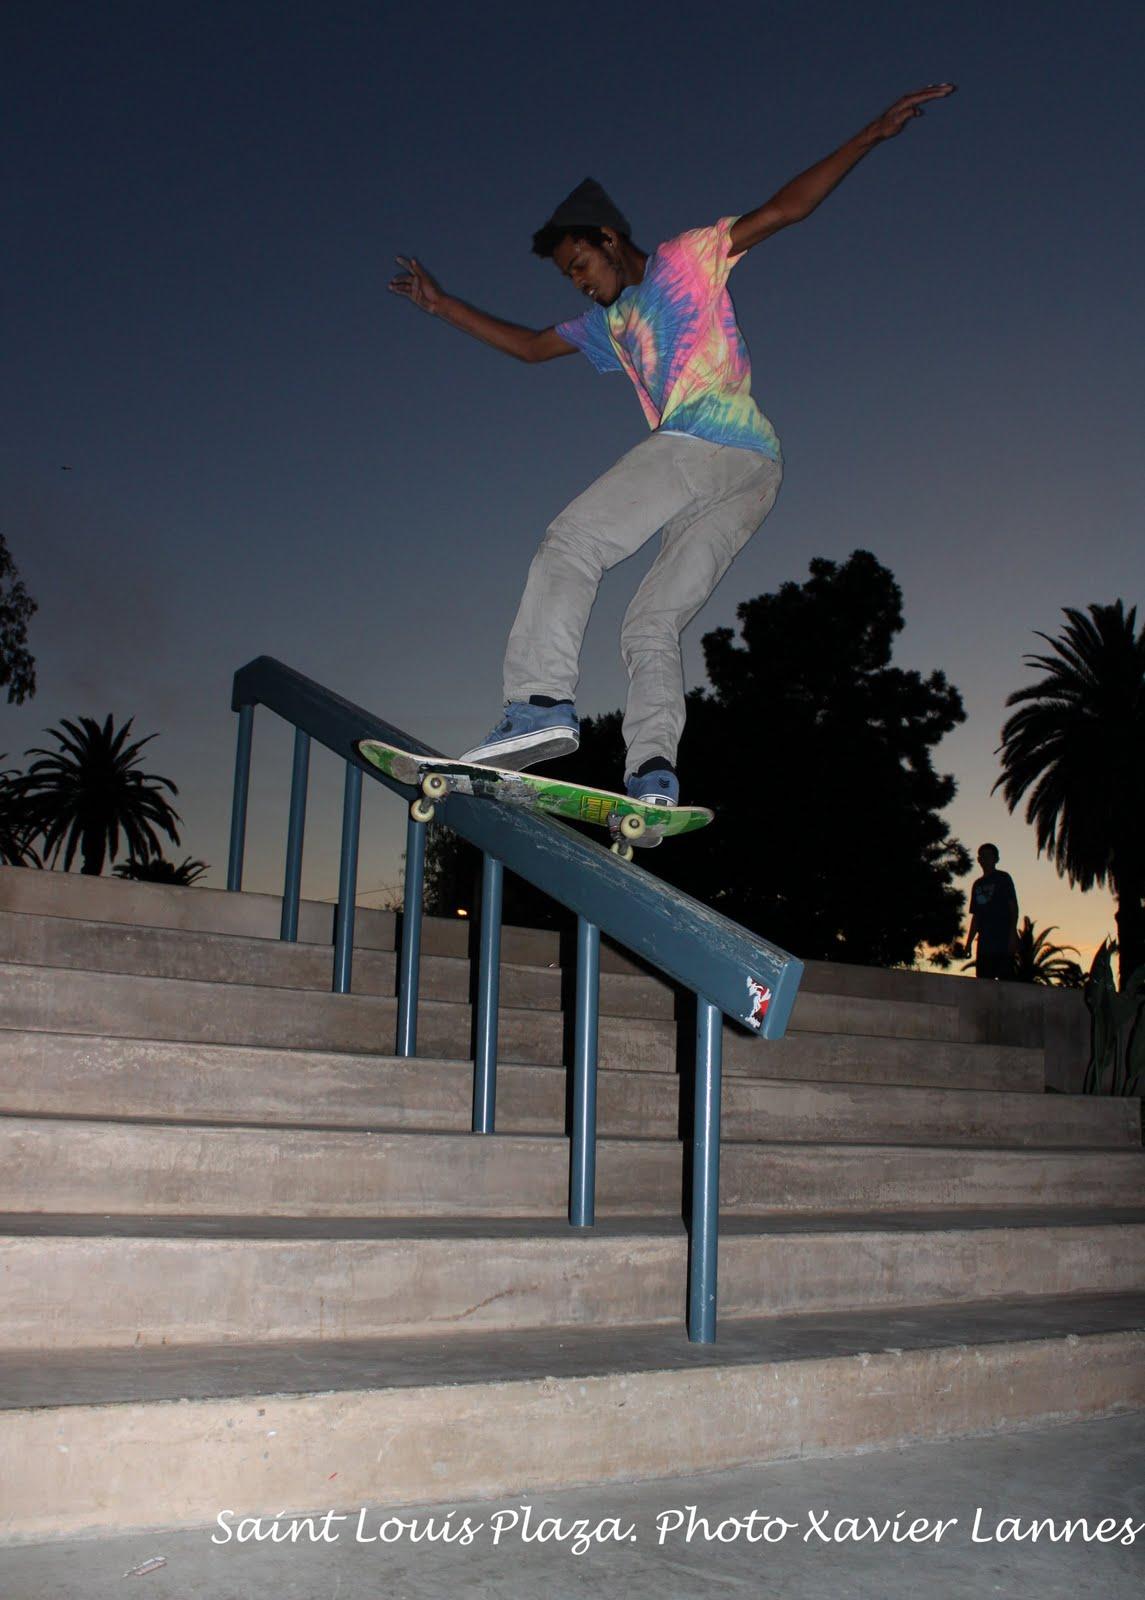 [Skate+Plaza+LA+007+copiar.jpg]